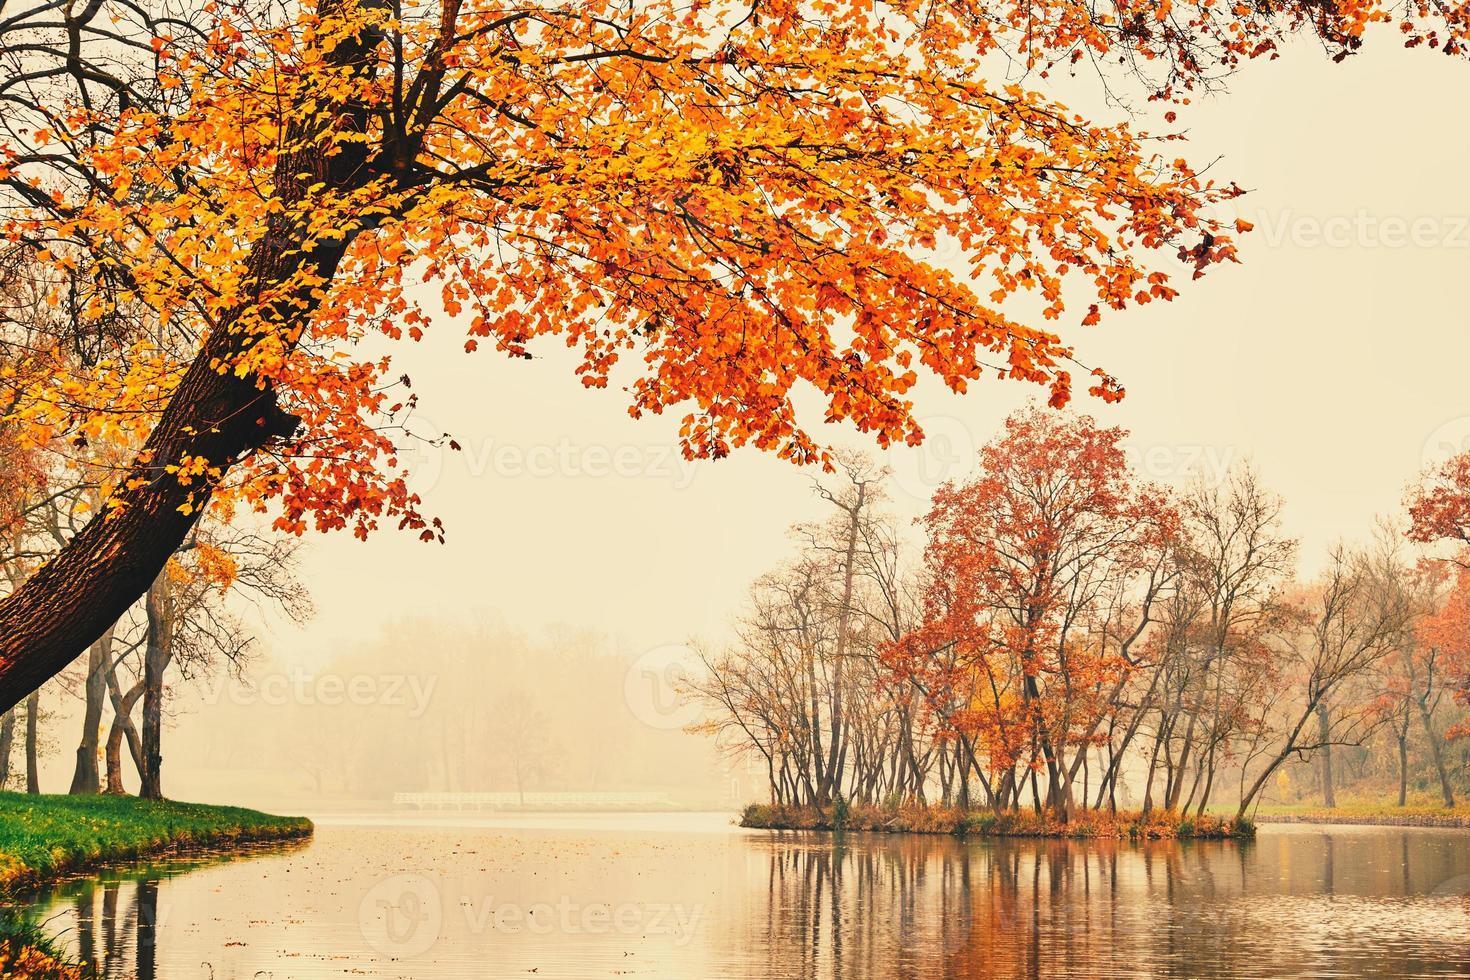 lago de otoño en el parque foto